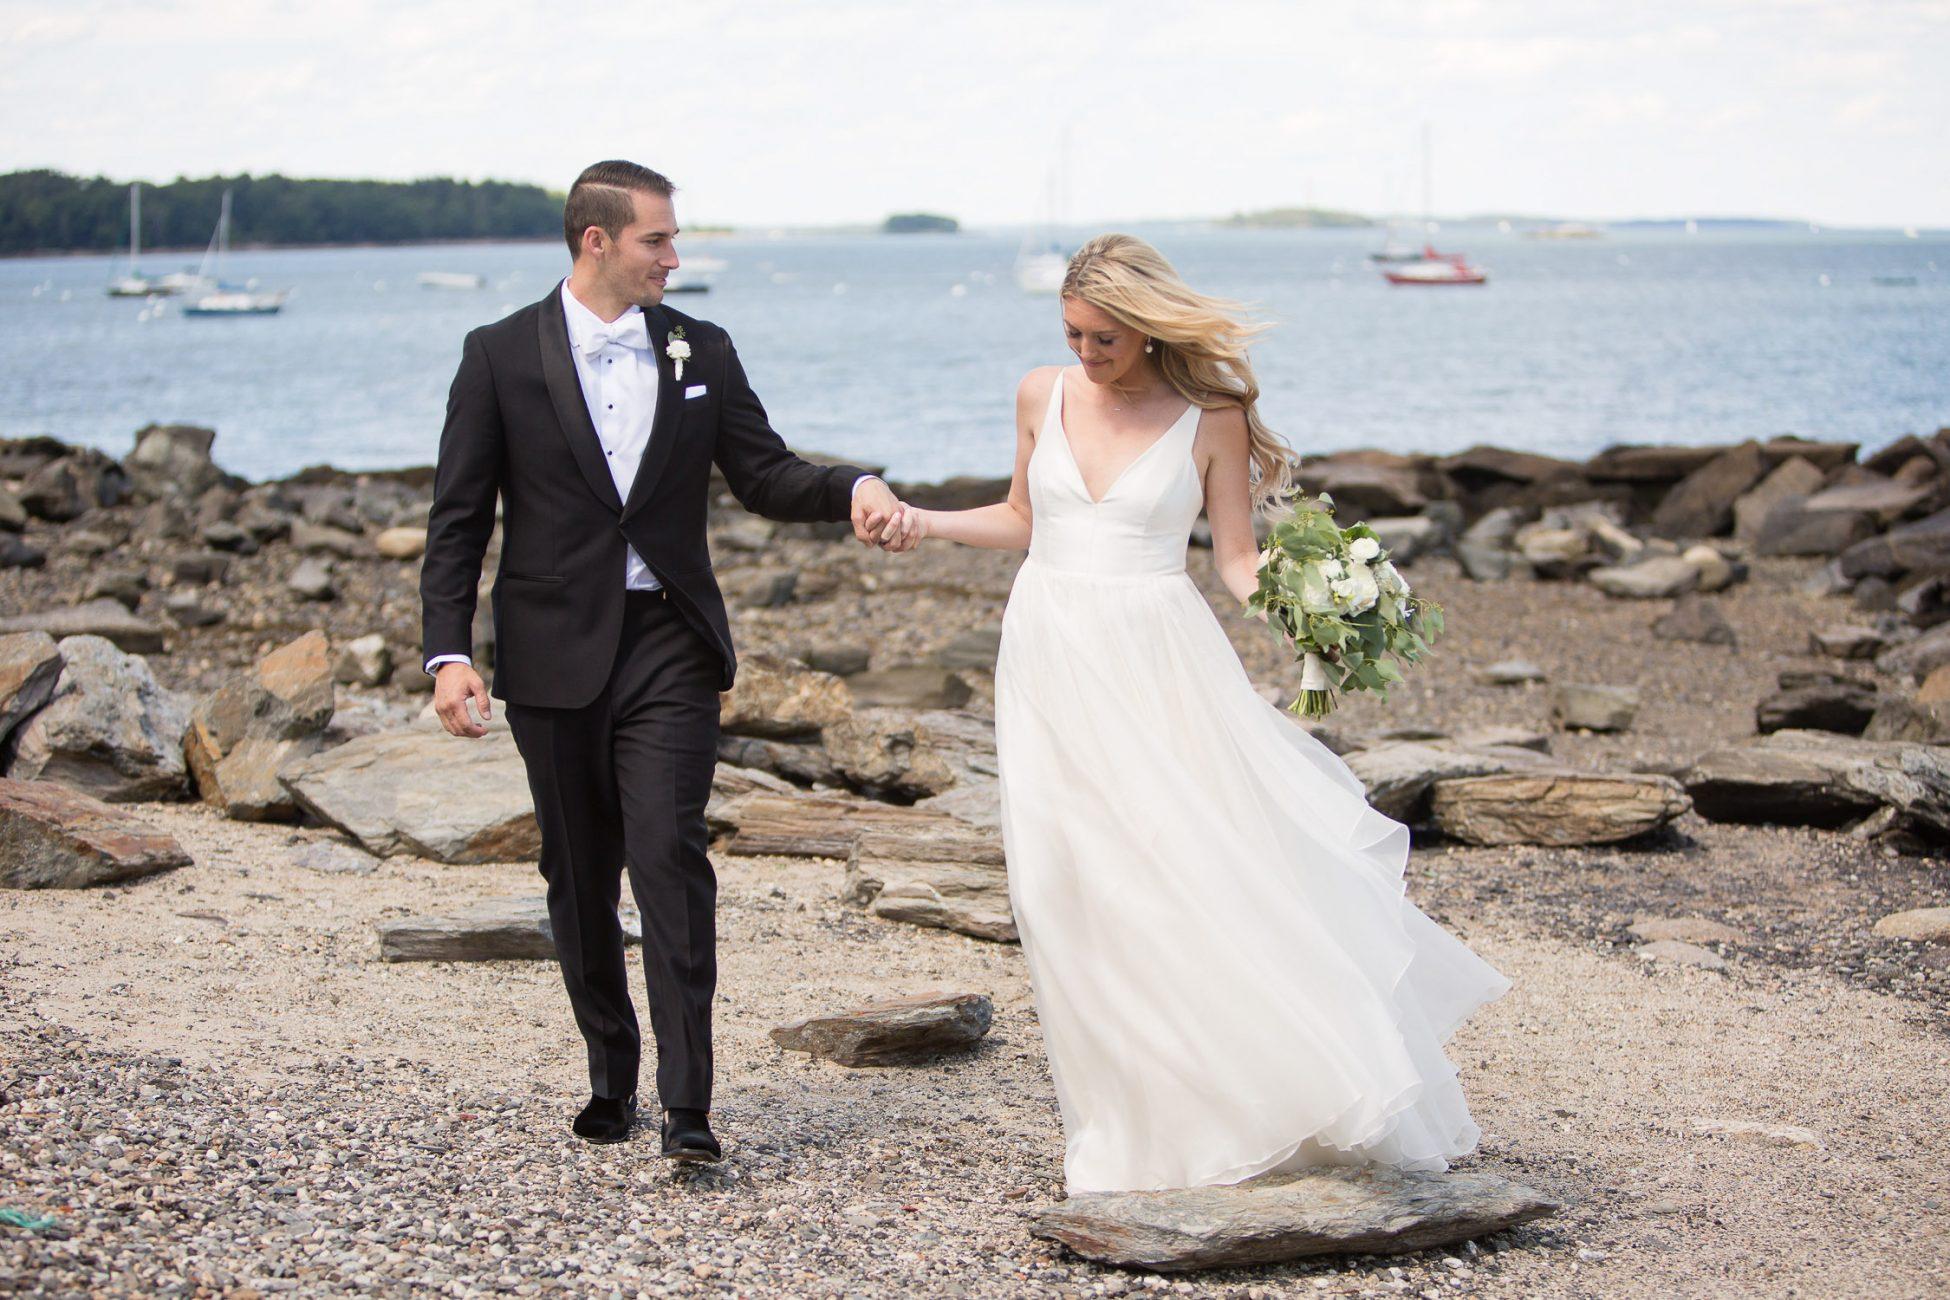 couple walks on rocky maine beach